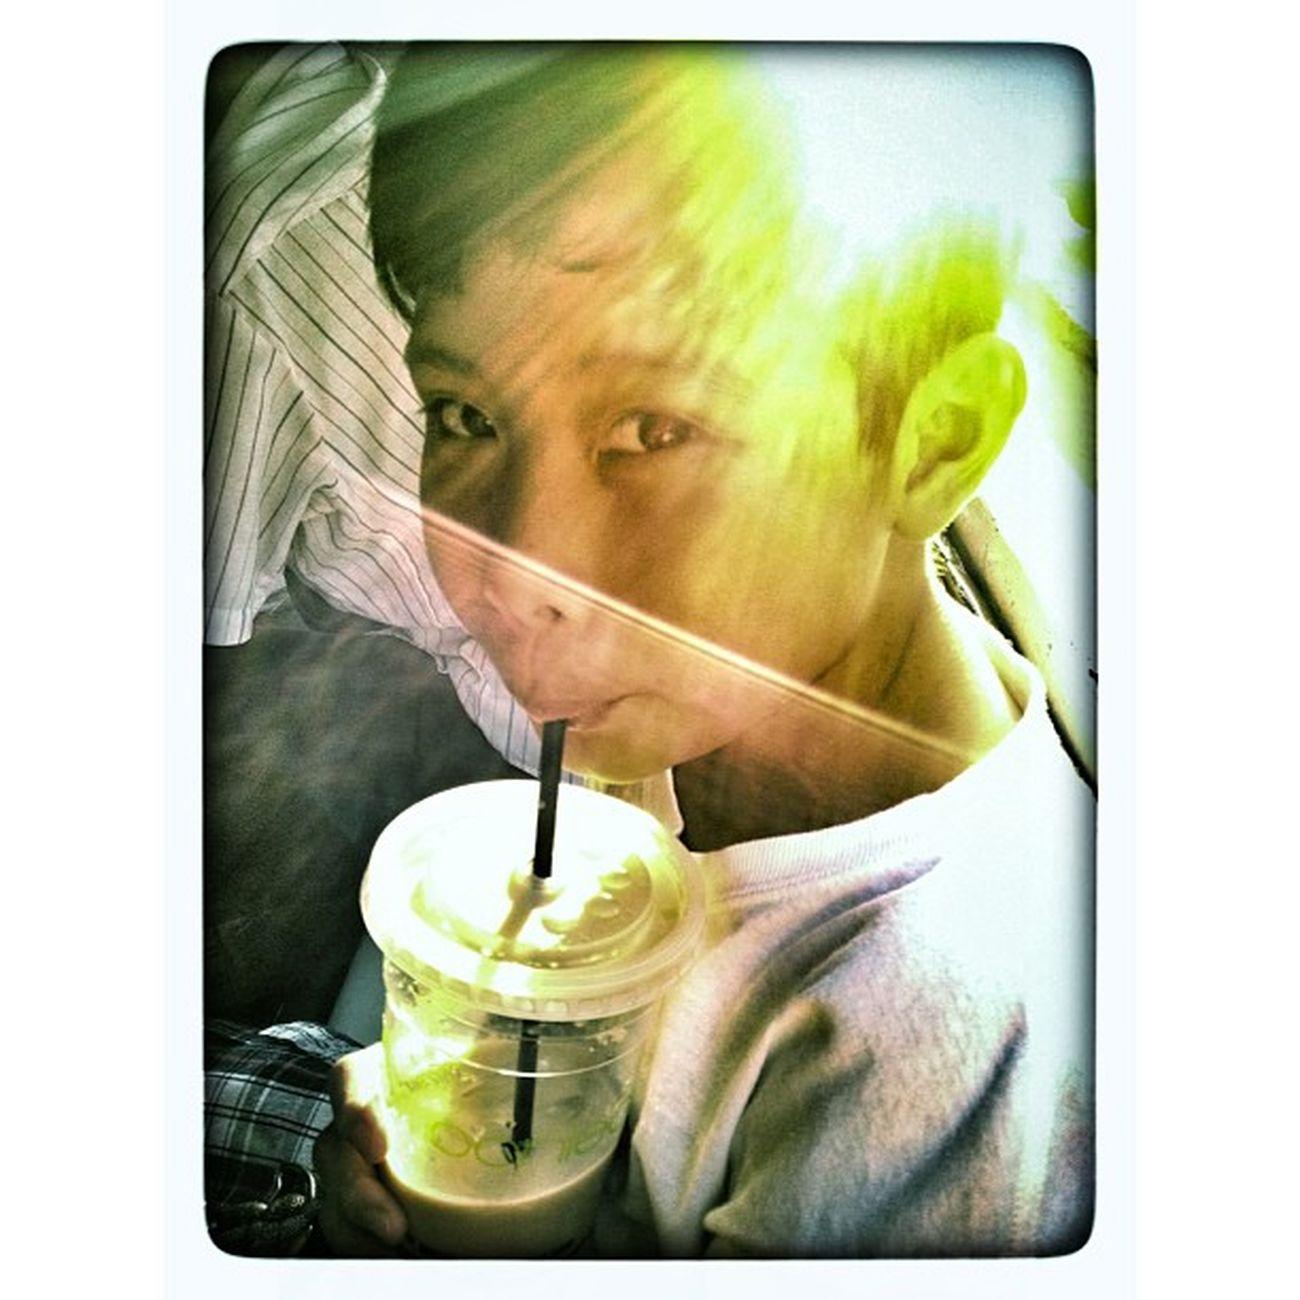 Palamig. Vanilla Milk Tea. Moonleafteashop Latepost Moonleaf Vanillamilktea refresh